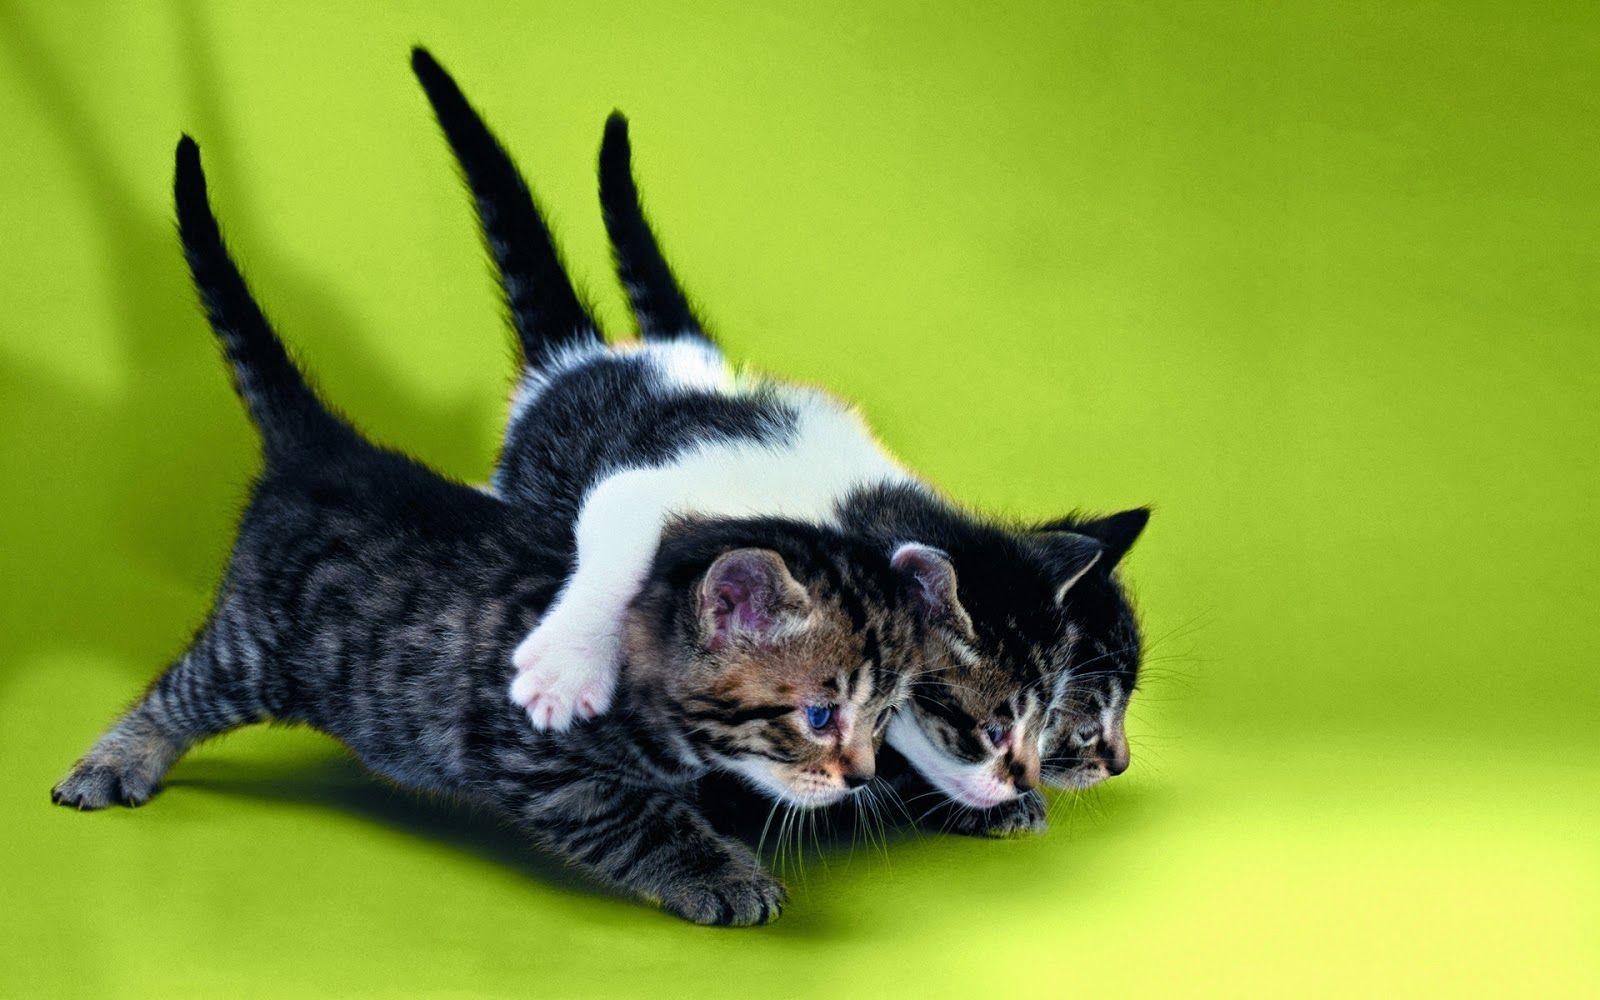 Katzenbabys Lustig Kleine Katzen Lustige Katzen Katzenbabys Katzenkinder Katzenkinder Lustige Katzenbilder Katzenbabys Katzen